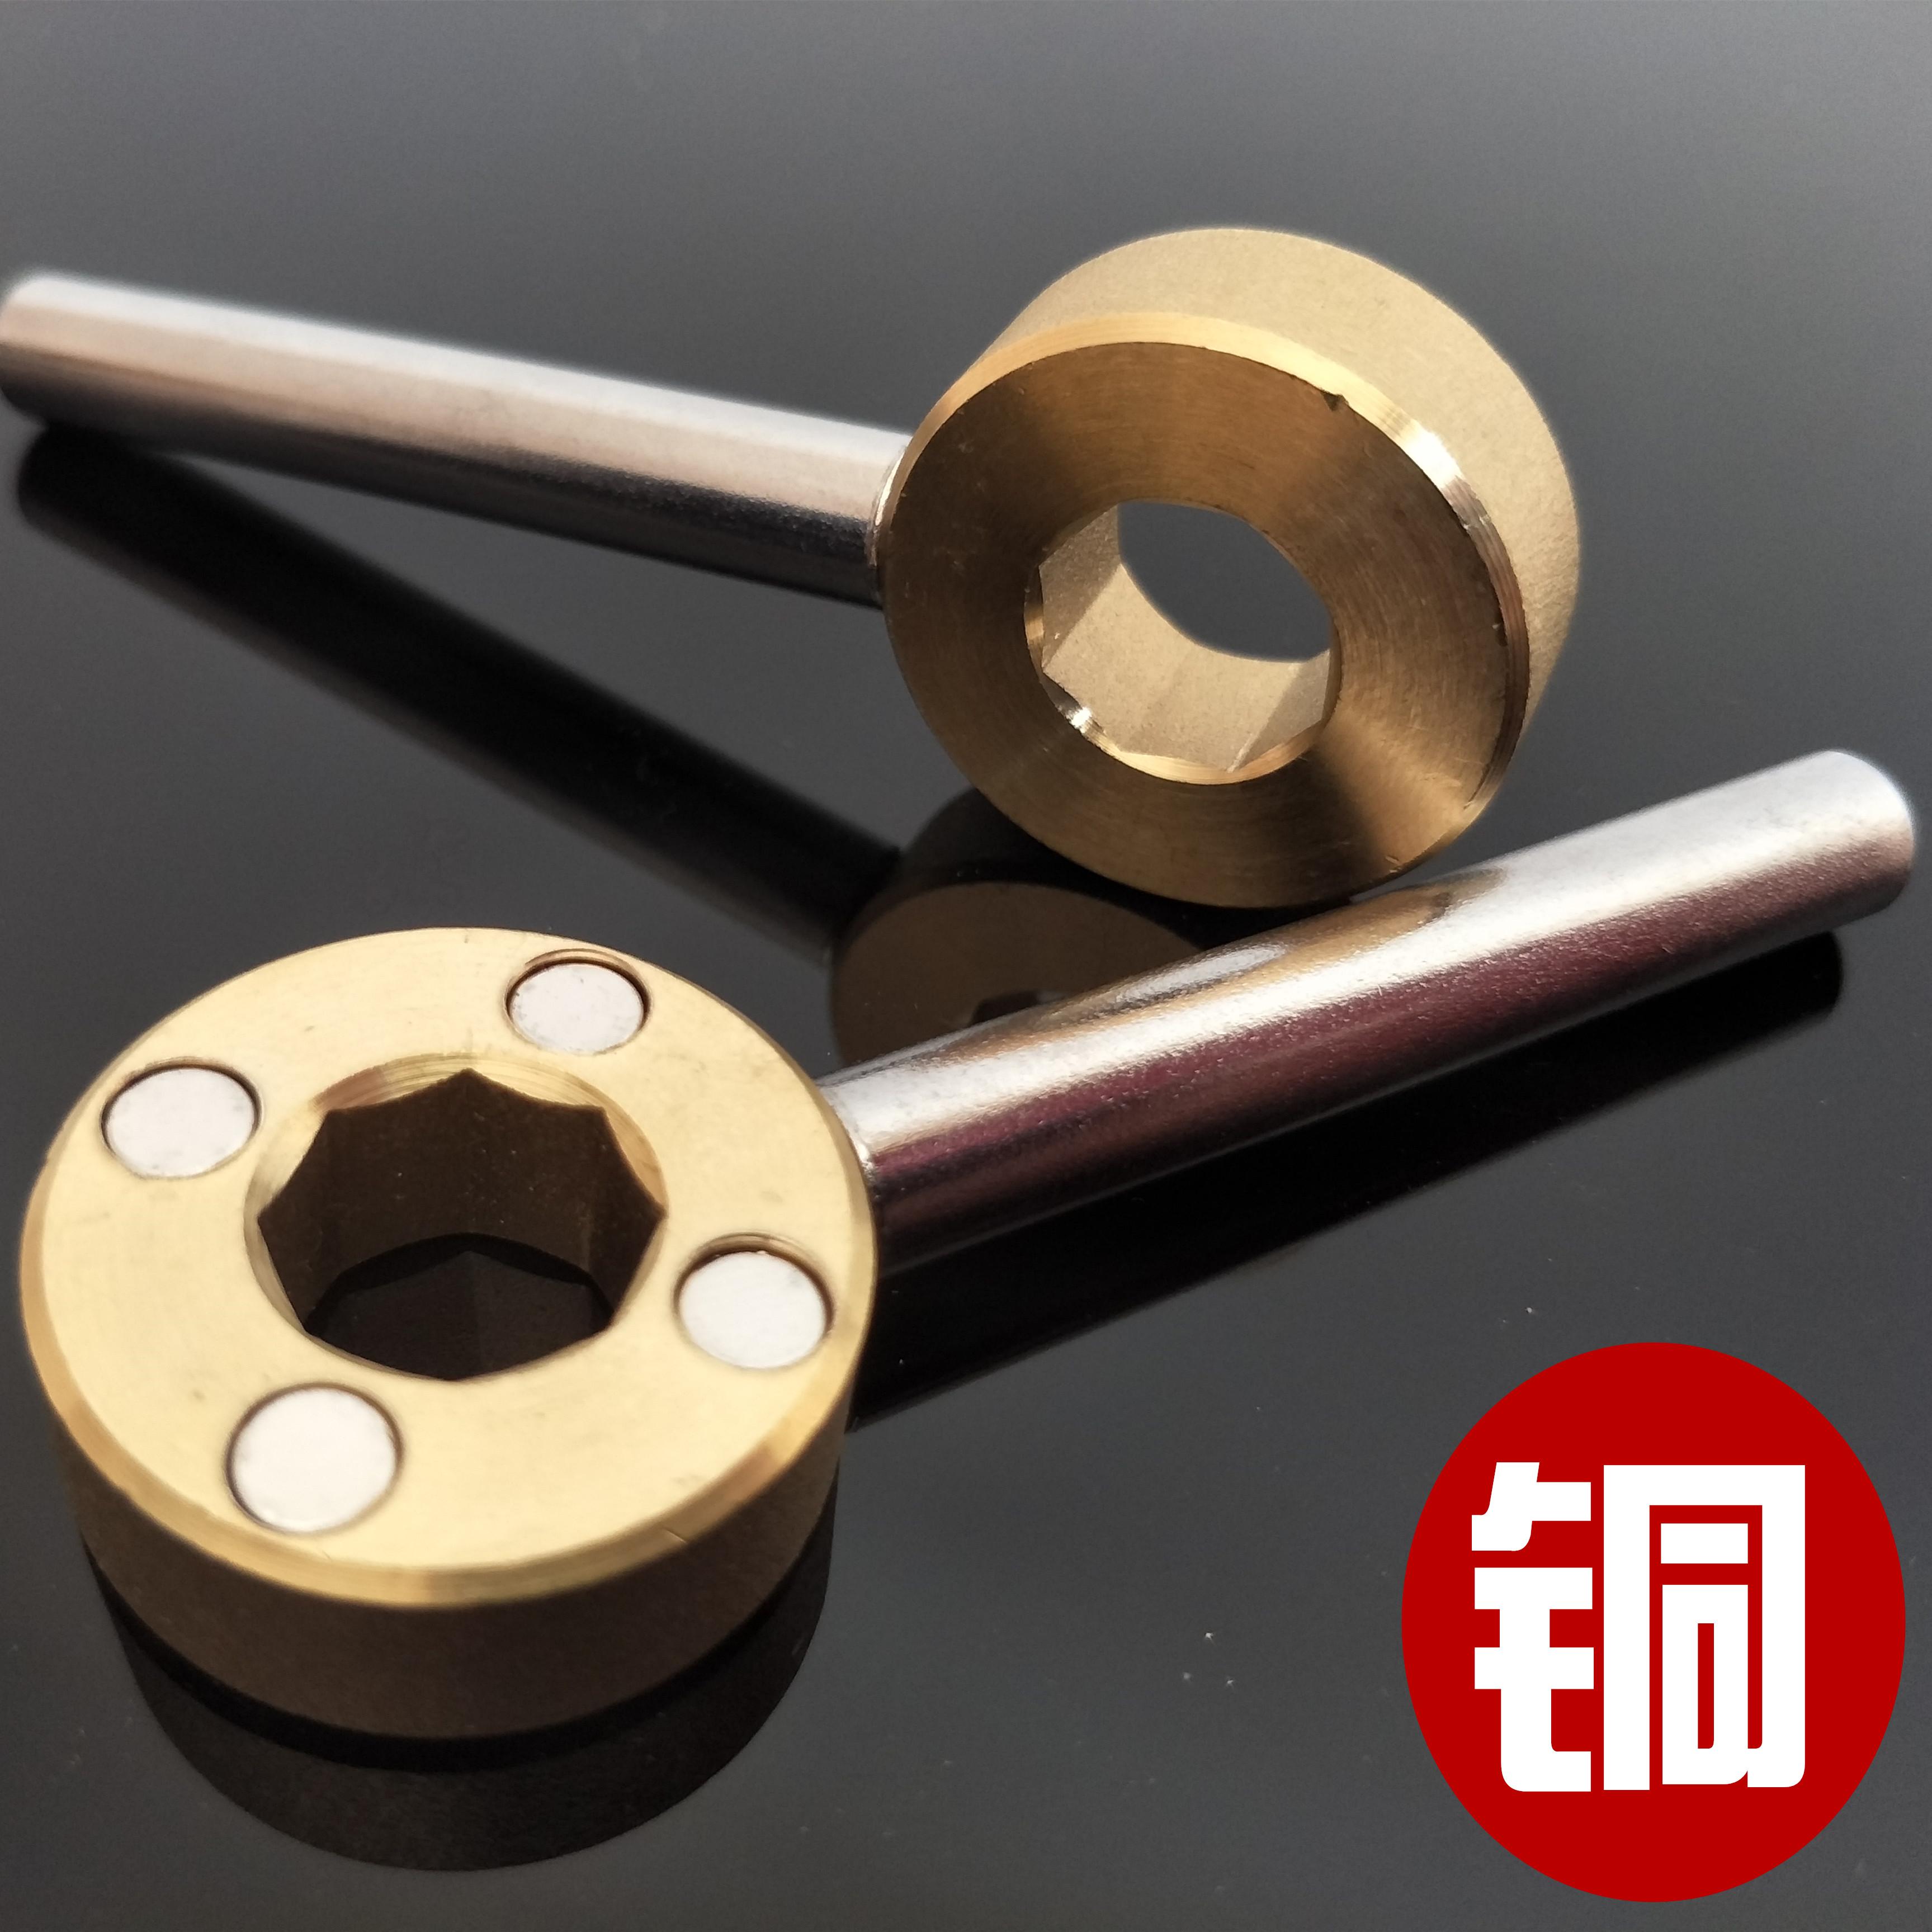 八角形のバルブヒーターの鍵は、鍵には、鍵は、鍵のスイッチを入れる